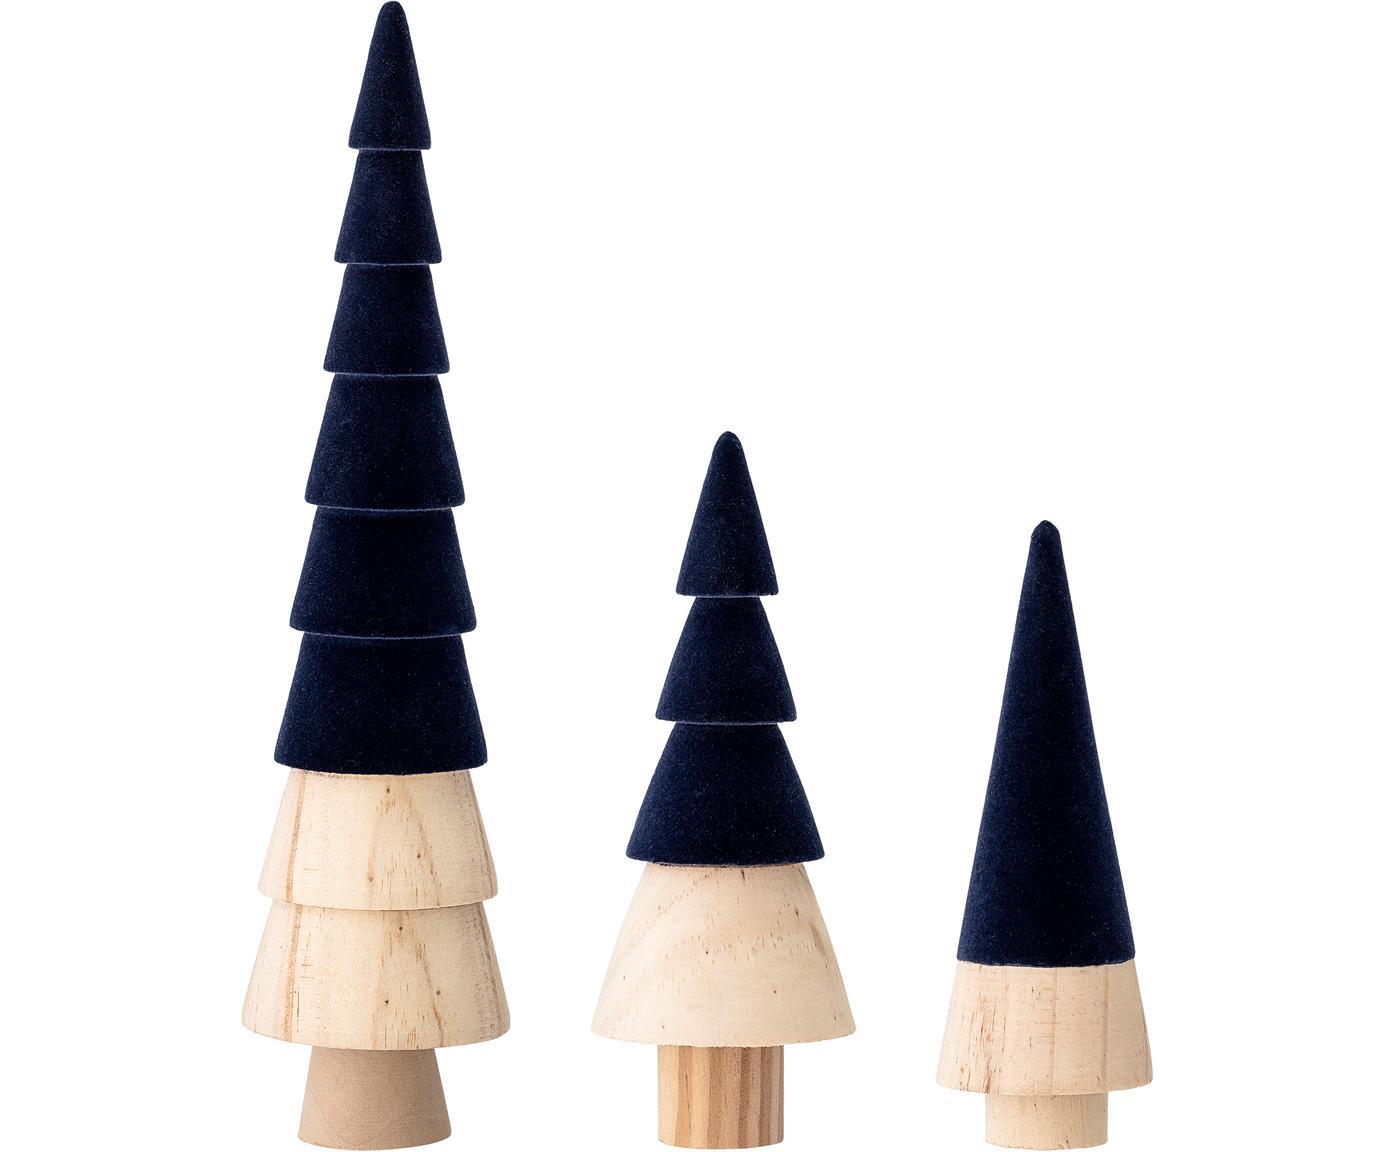 Komplet dekoracji z aksamitu Thace, 3 elem., Drewno naturalne, aksamit poliestrowy, Ciemny niebieski, drewno naturalne, Różne rozmiary